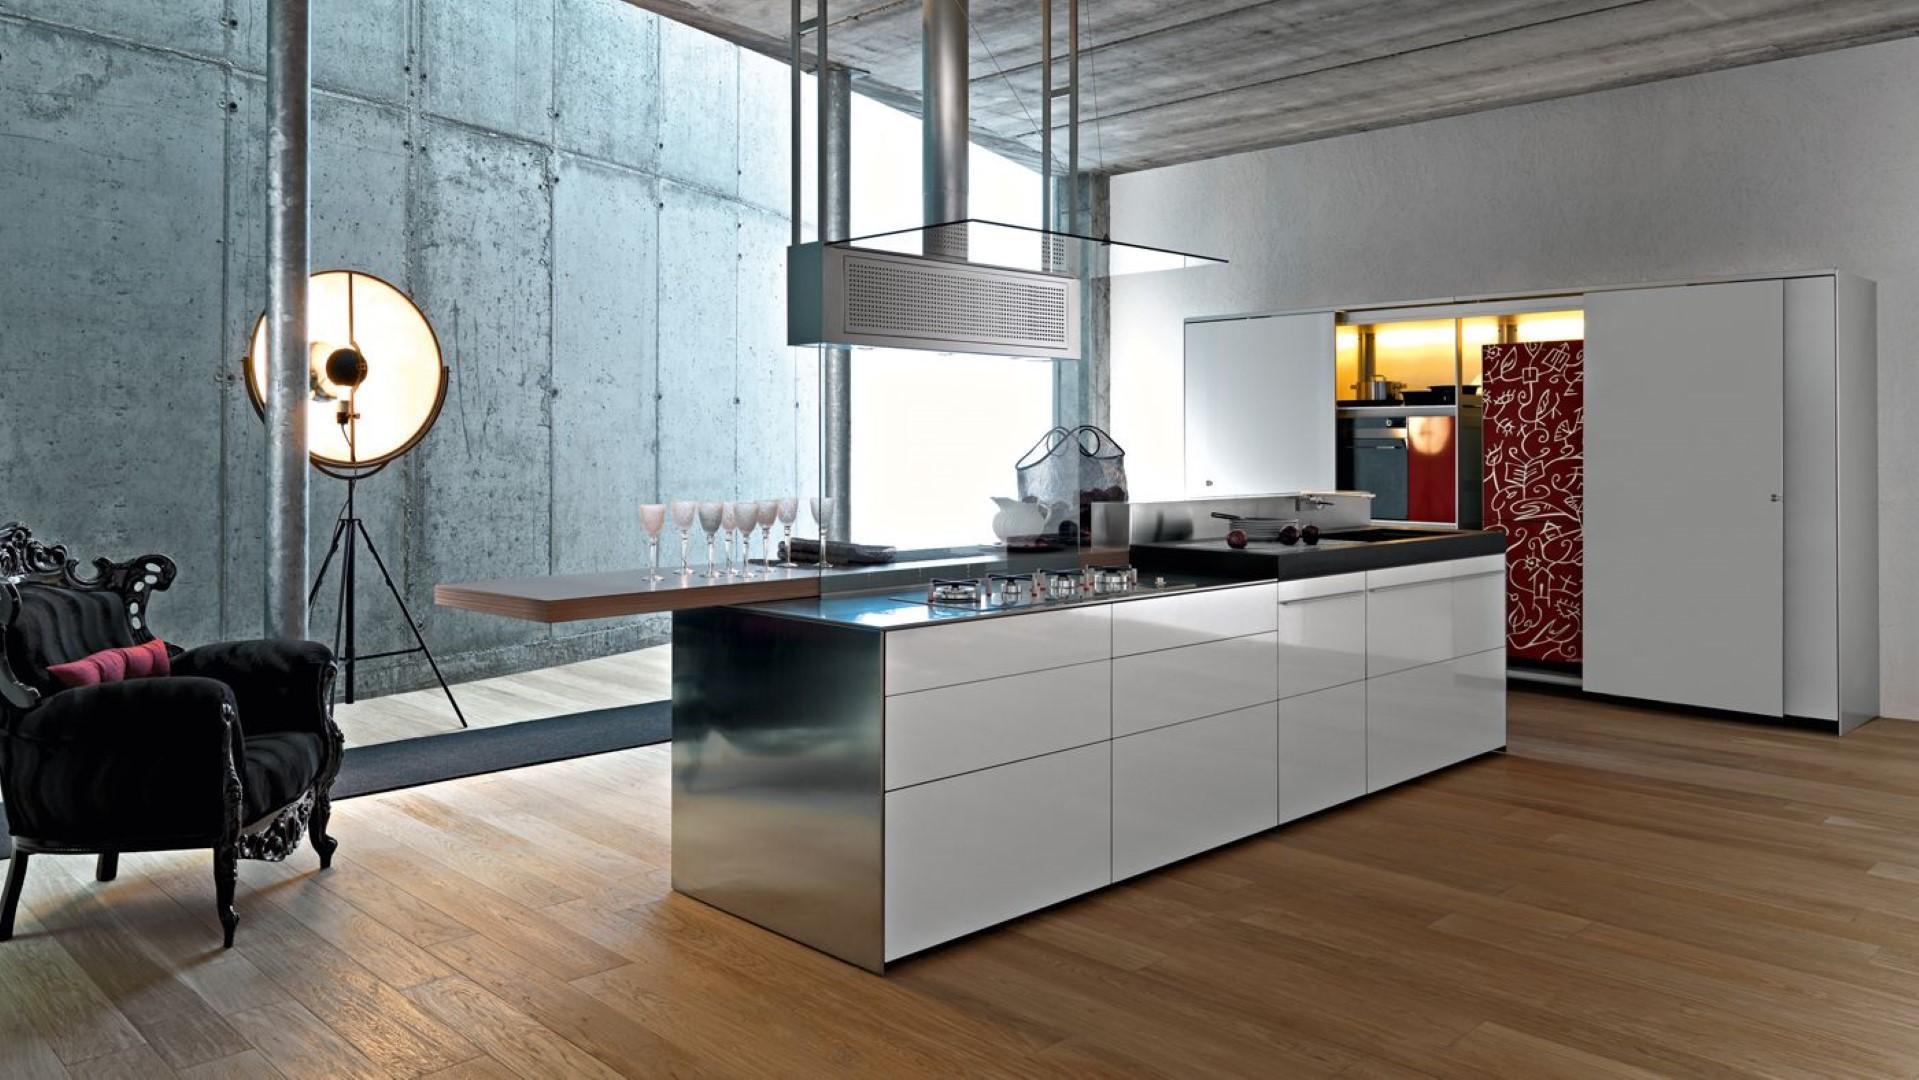 Cucine moderne, Valcucine, Ernestomeda Vitale Arredamenti Benevento